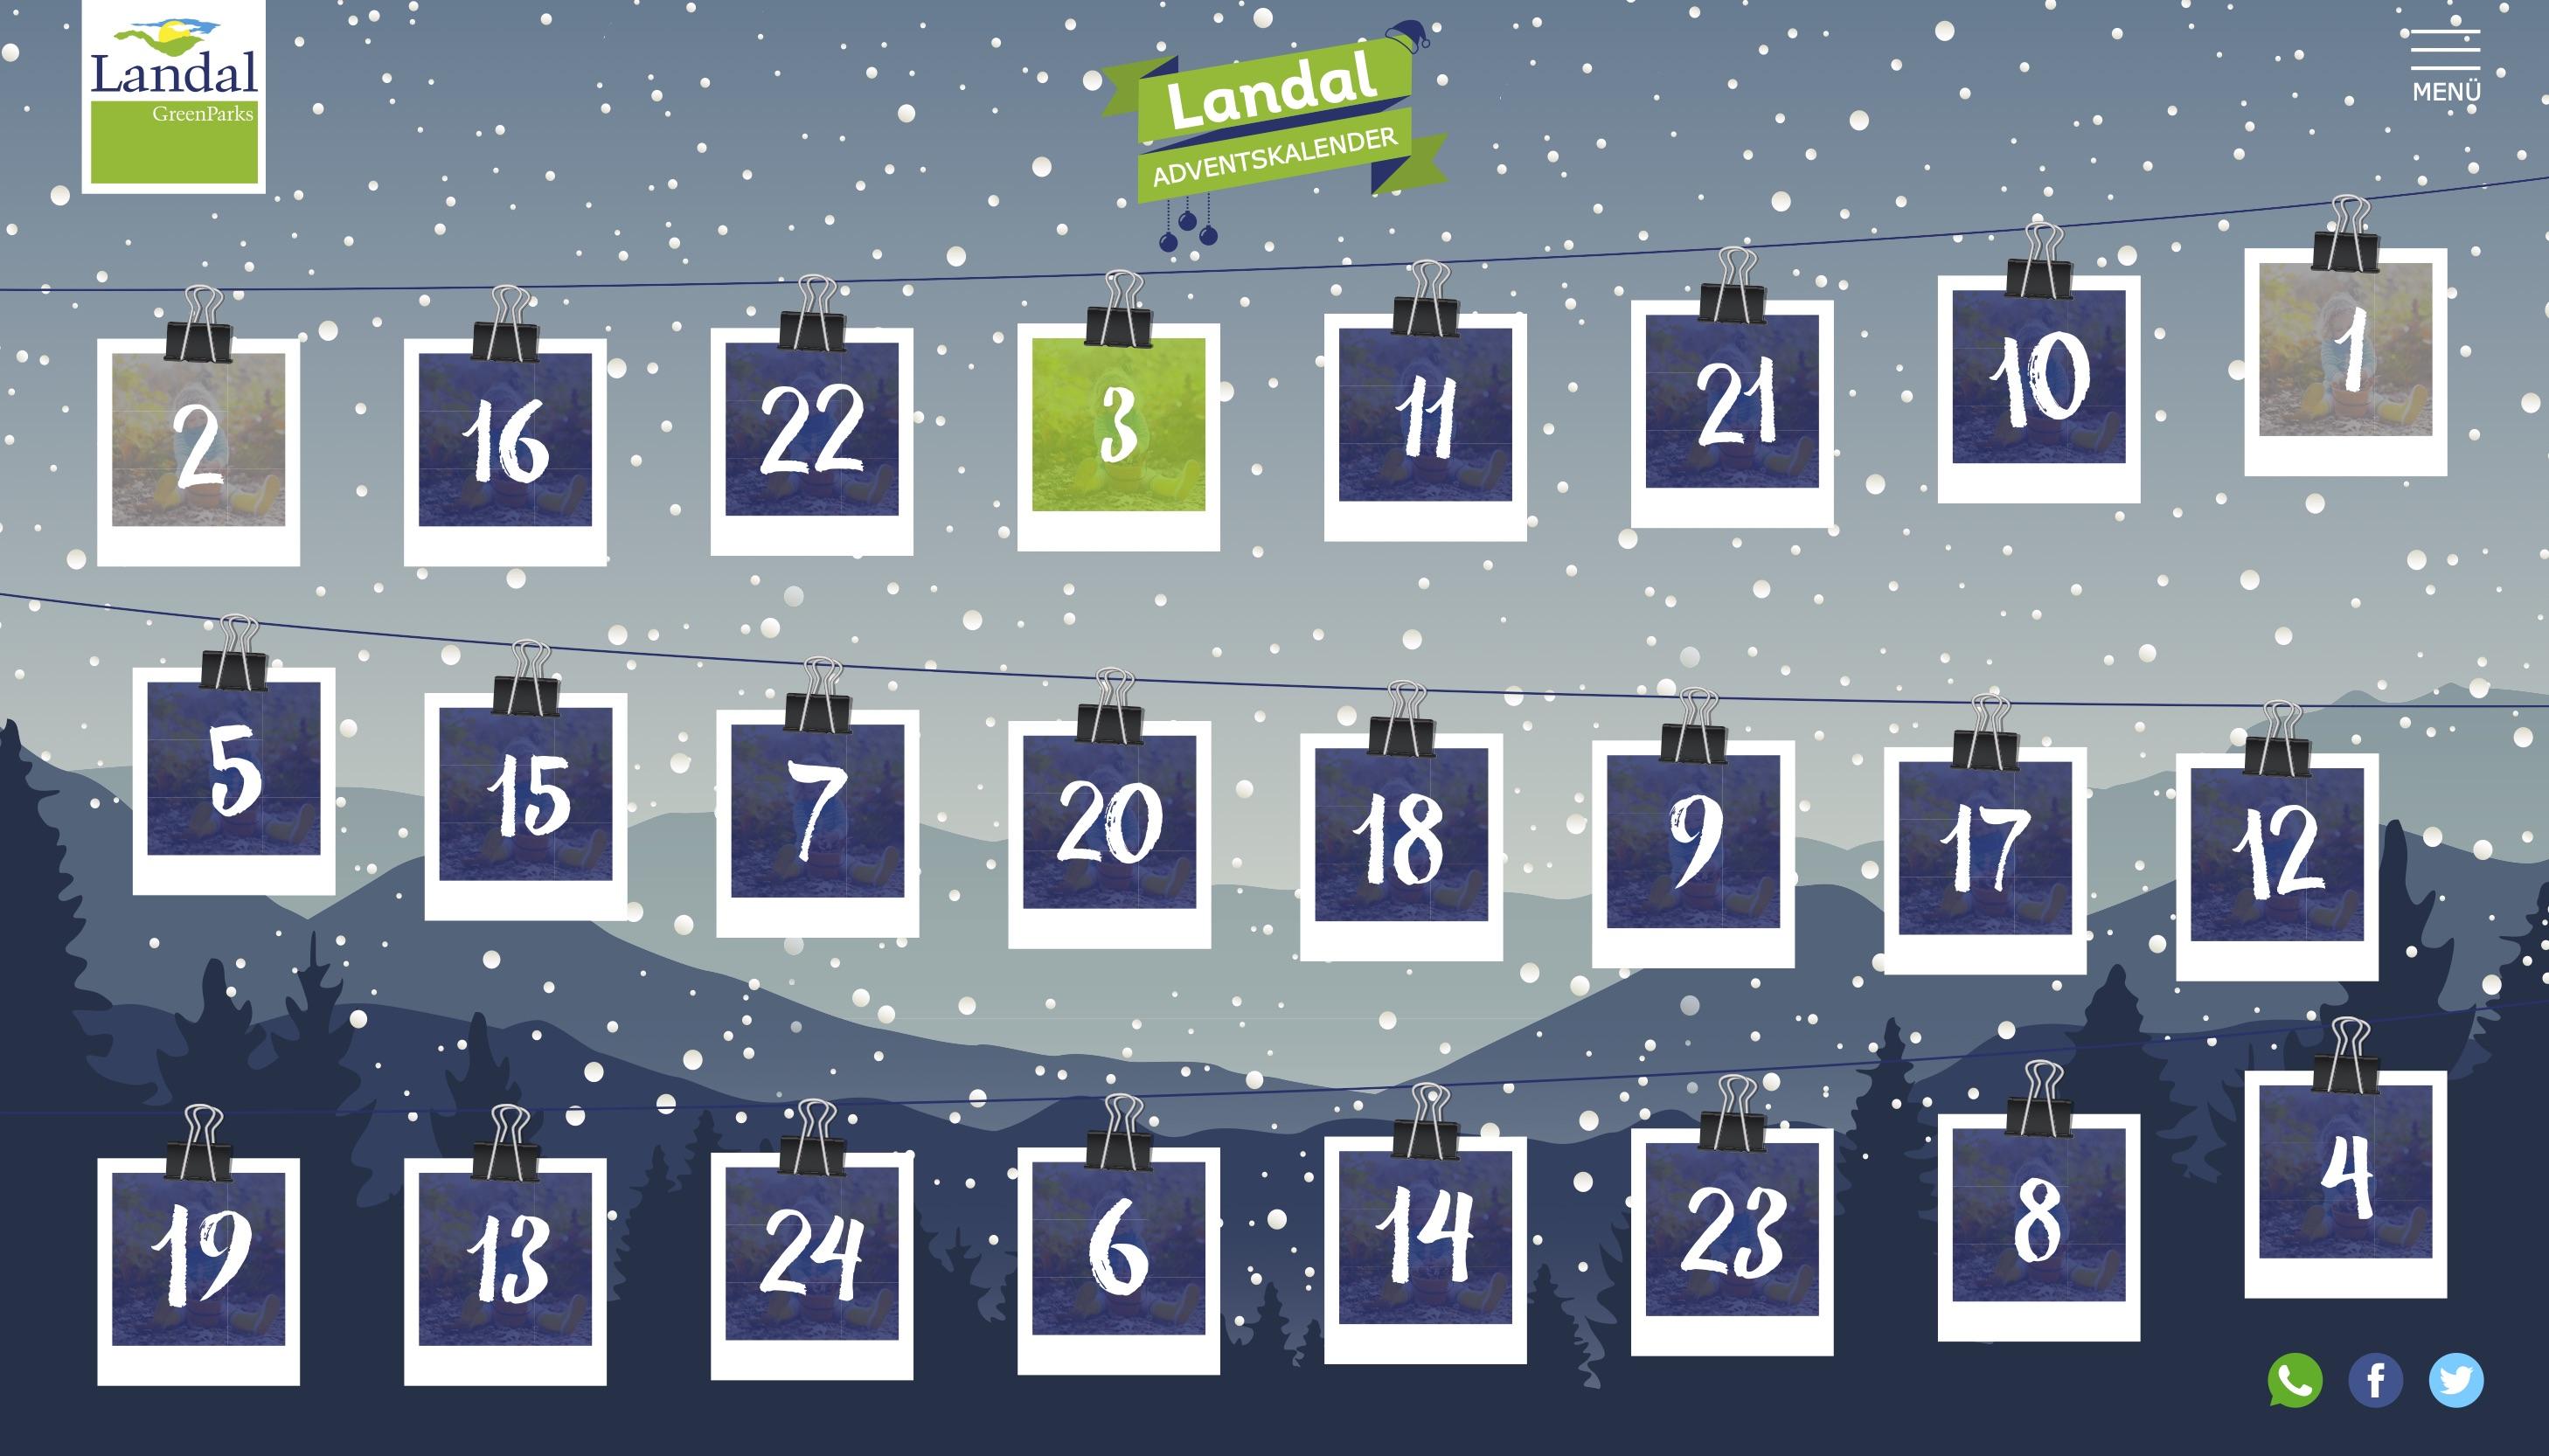 Online Adventskalender - Landal GreenParks - 2019